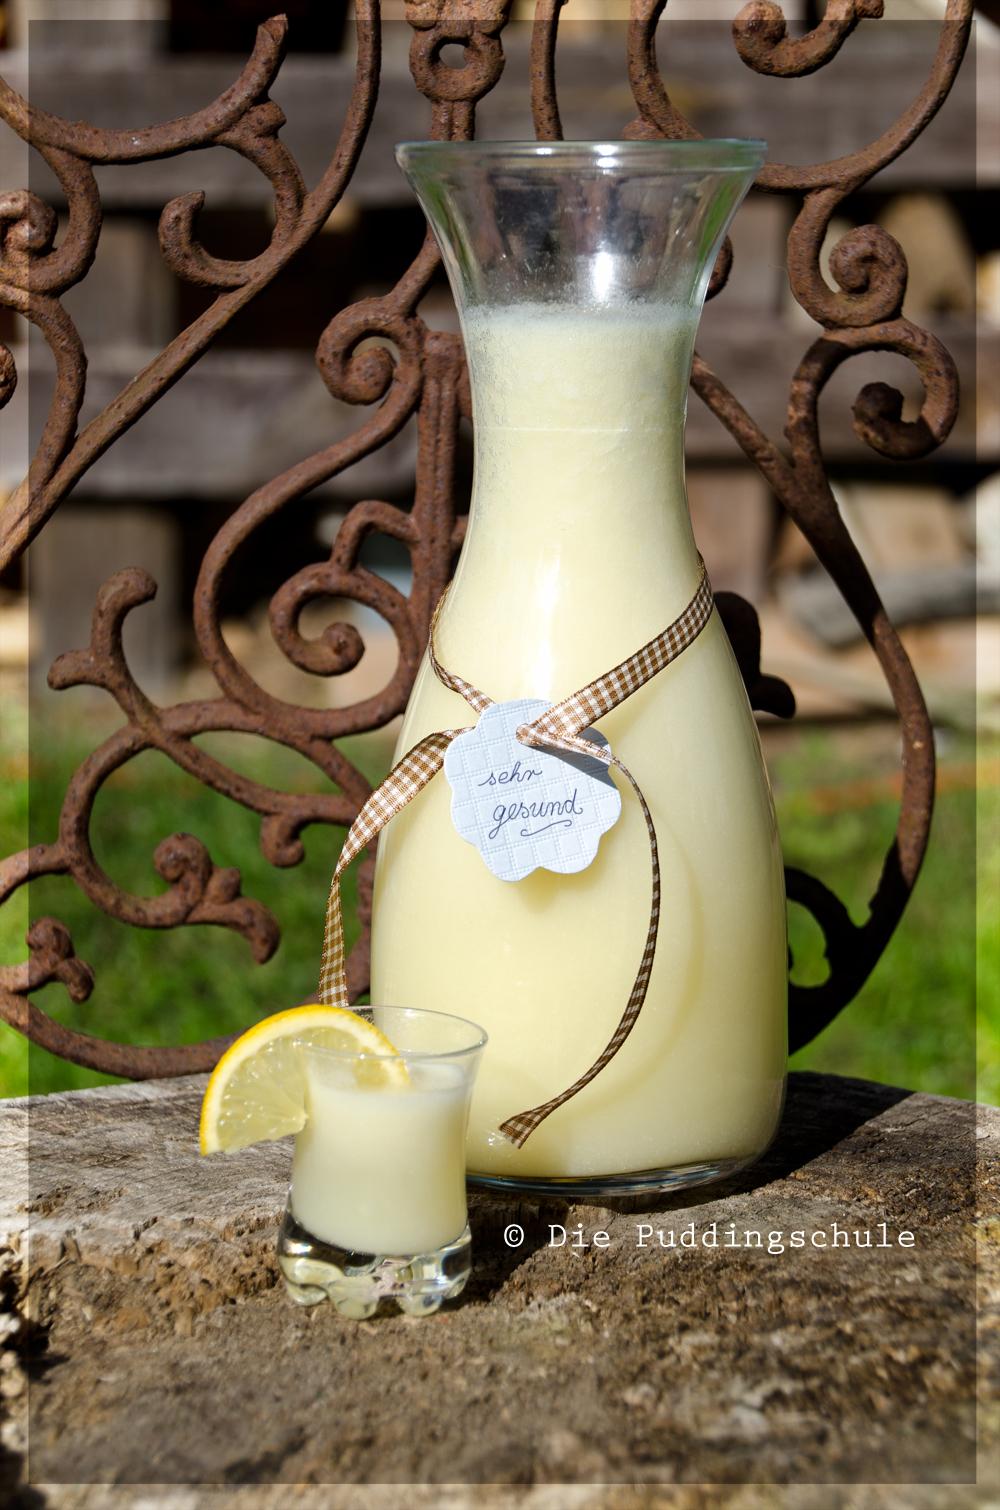 Zitronen-Knoblauch-Kur in der Karaffe